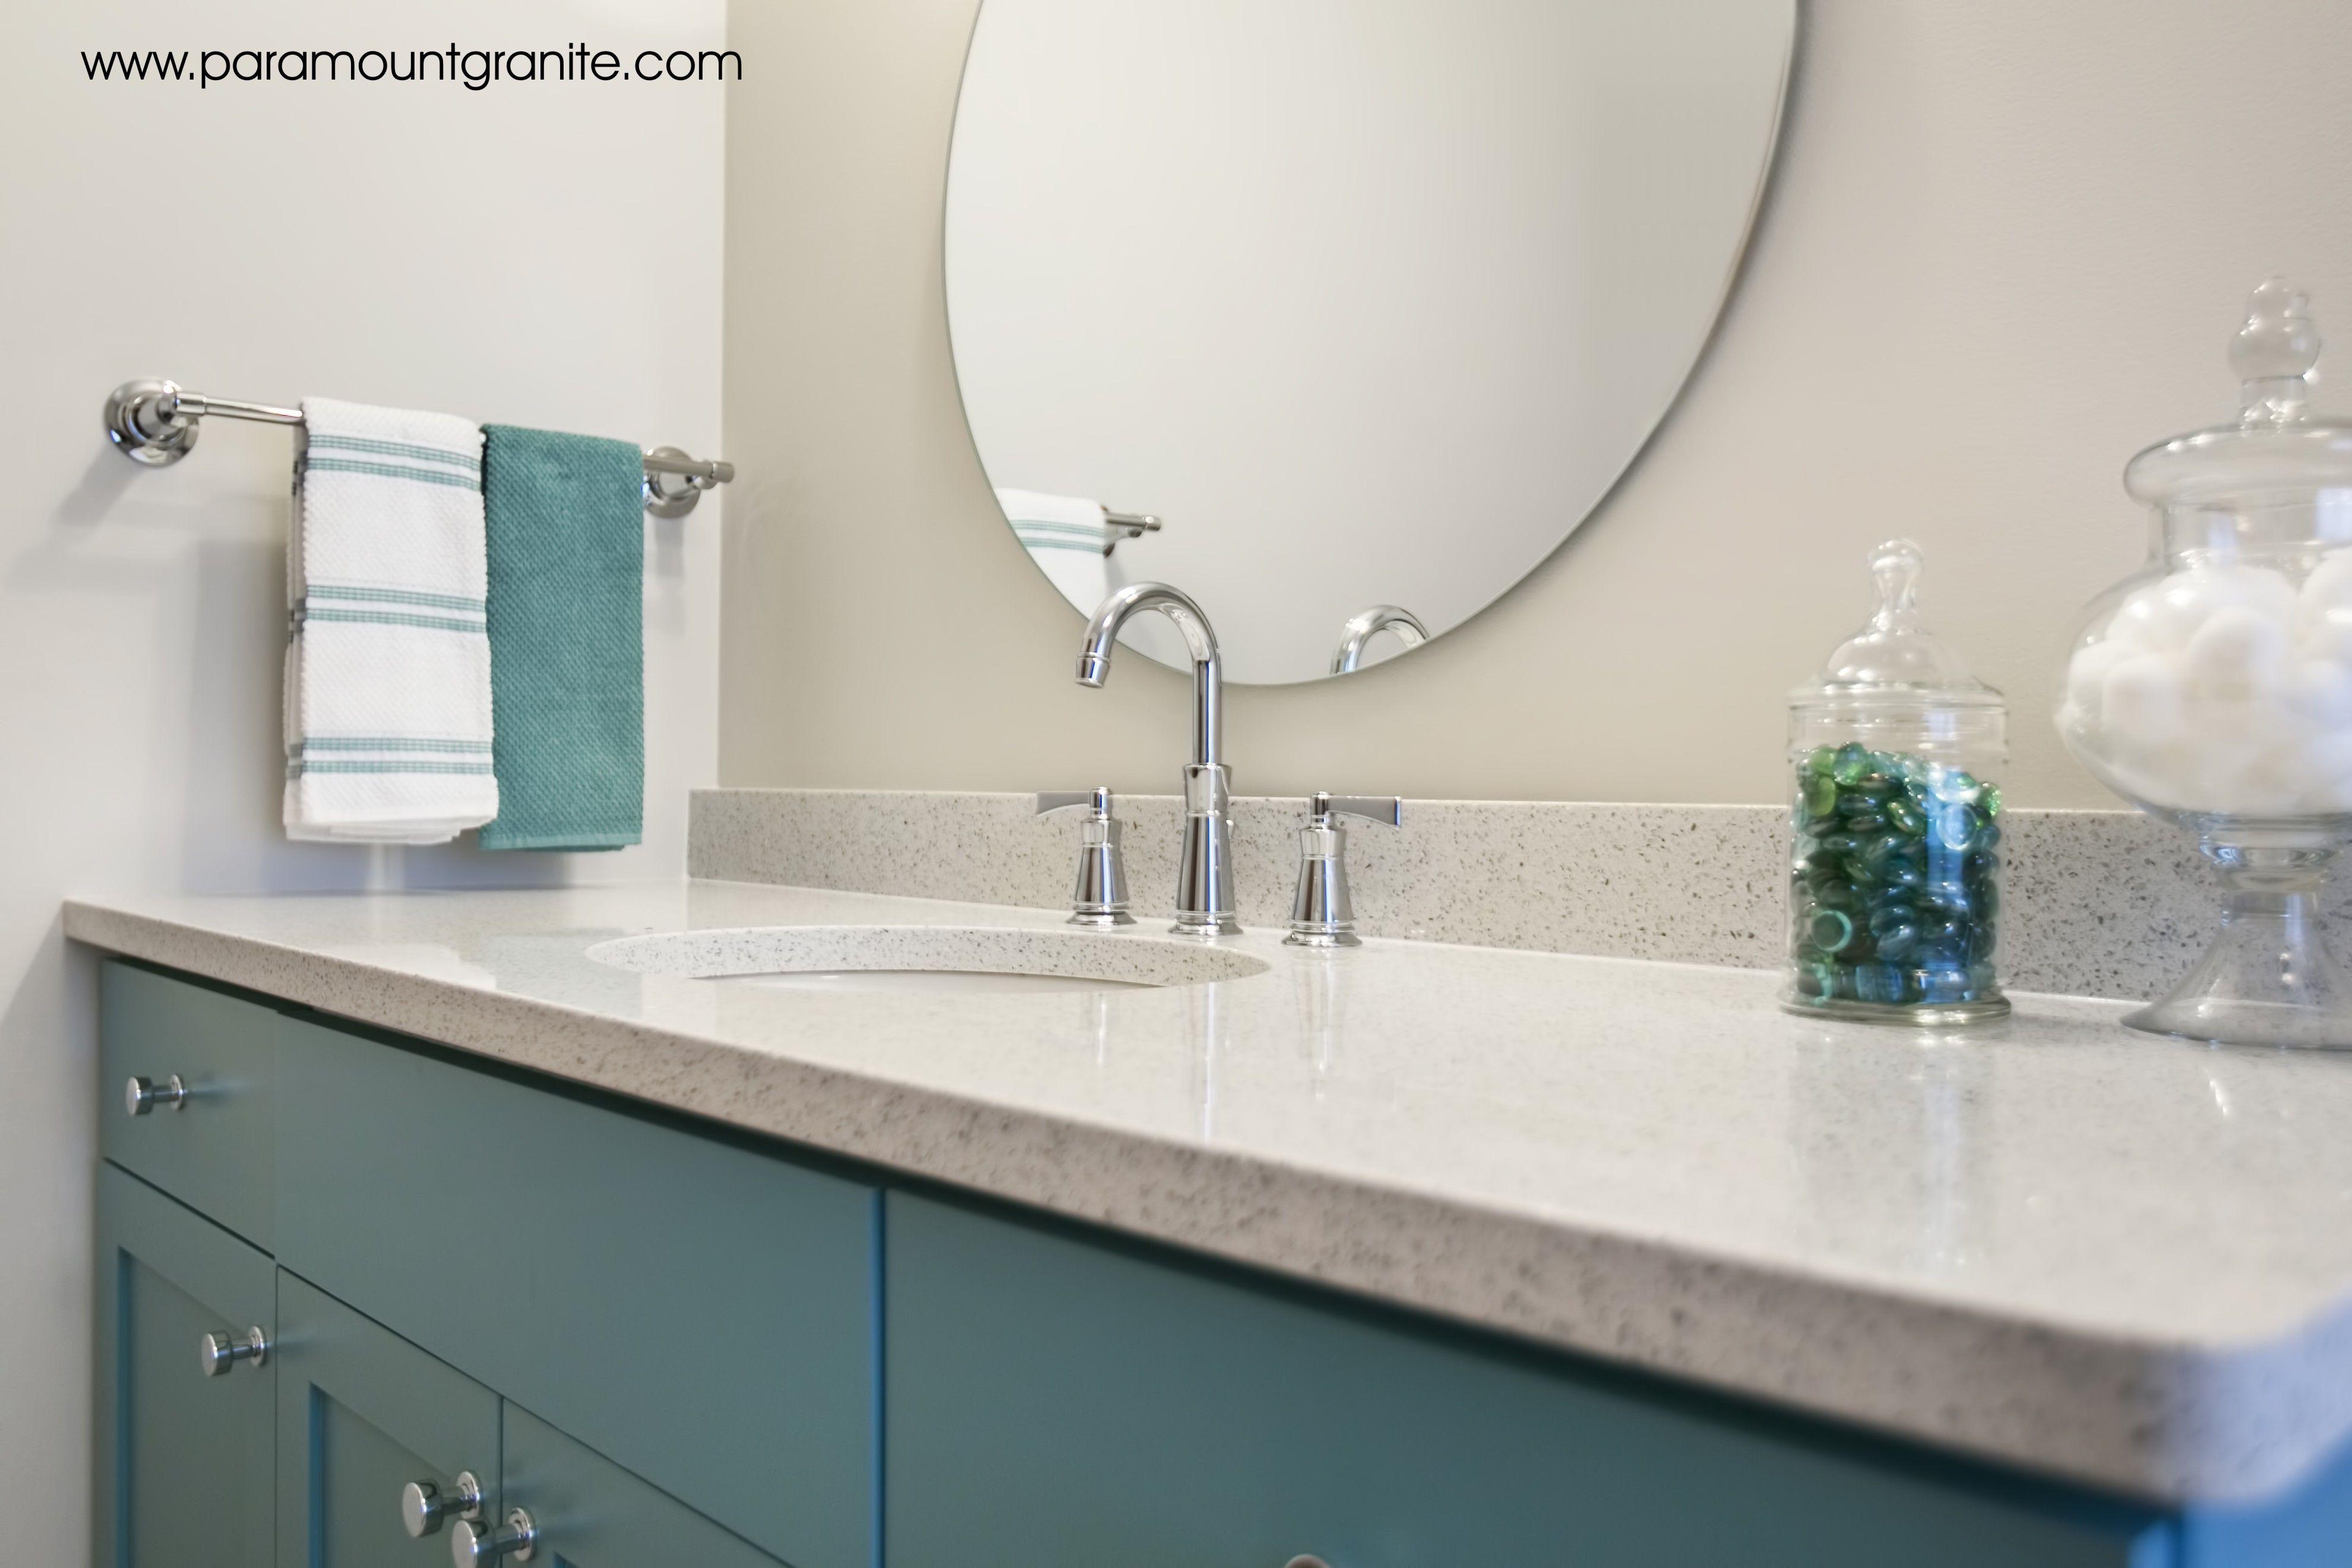 Silestone Quartz Stellar Snow Add Some Elegance To Your Bath